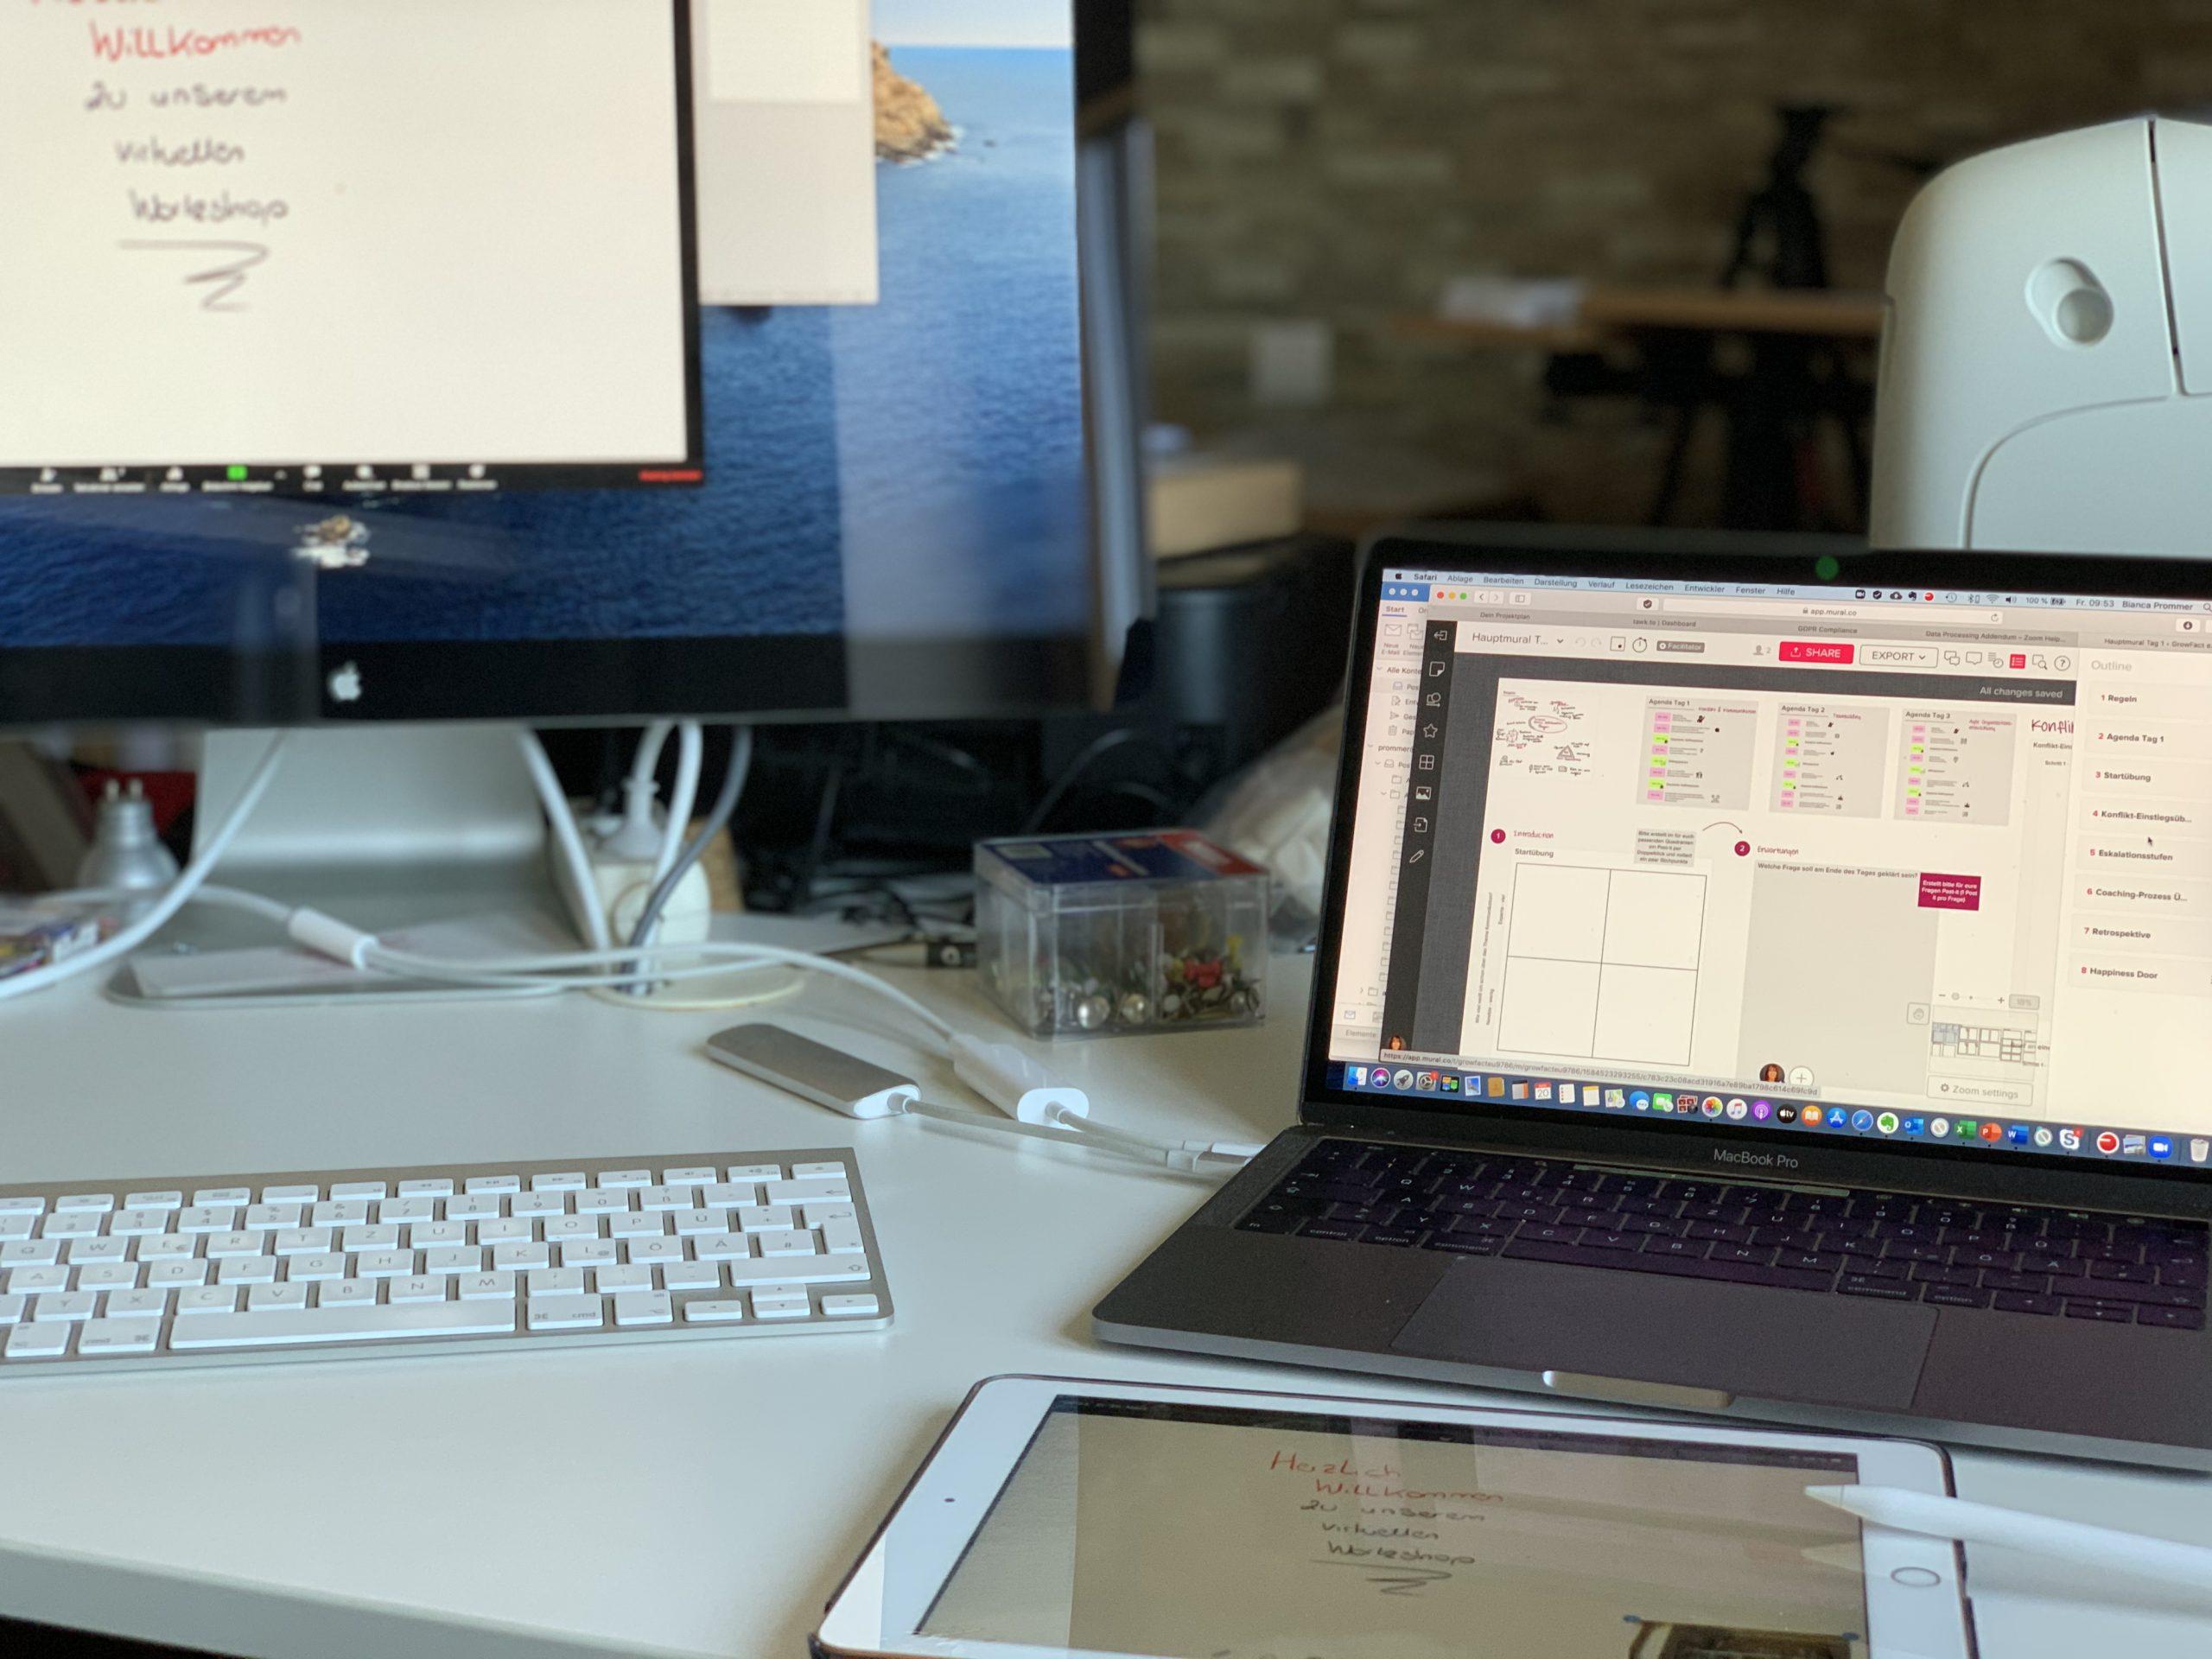 Tipps rund um das Vorbereiten und Durchführen von virtuellen Workshops und Onlinetrainings.